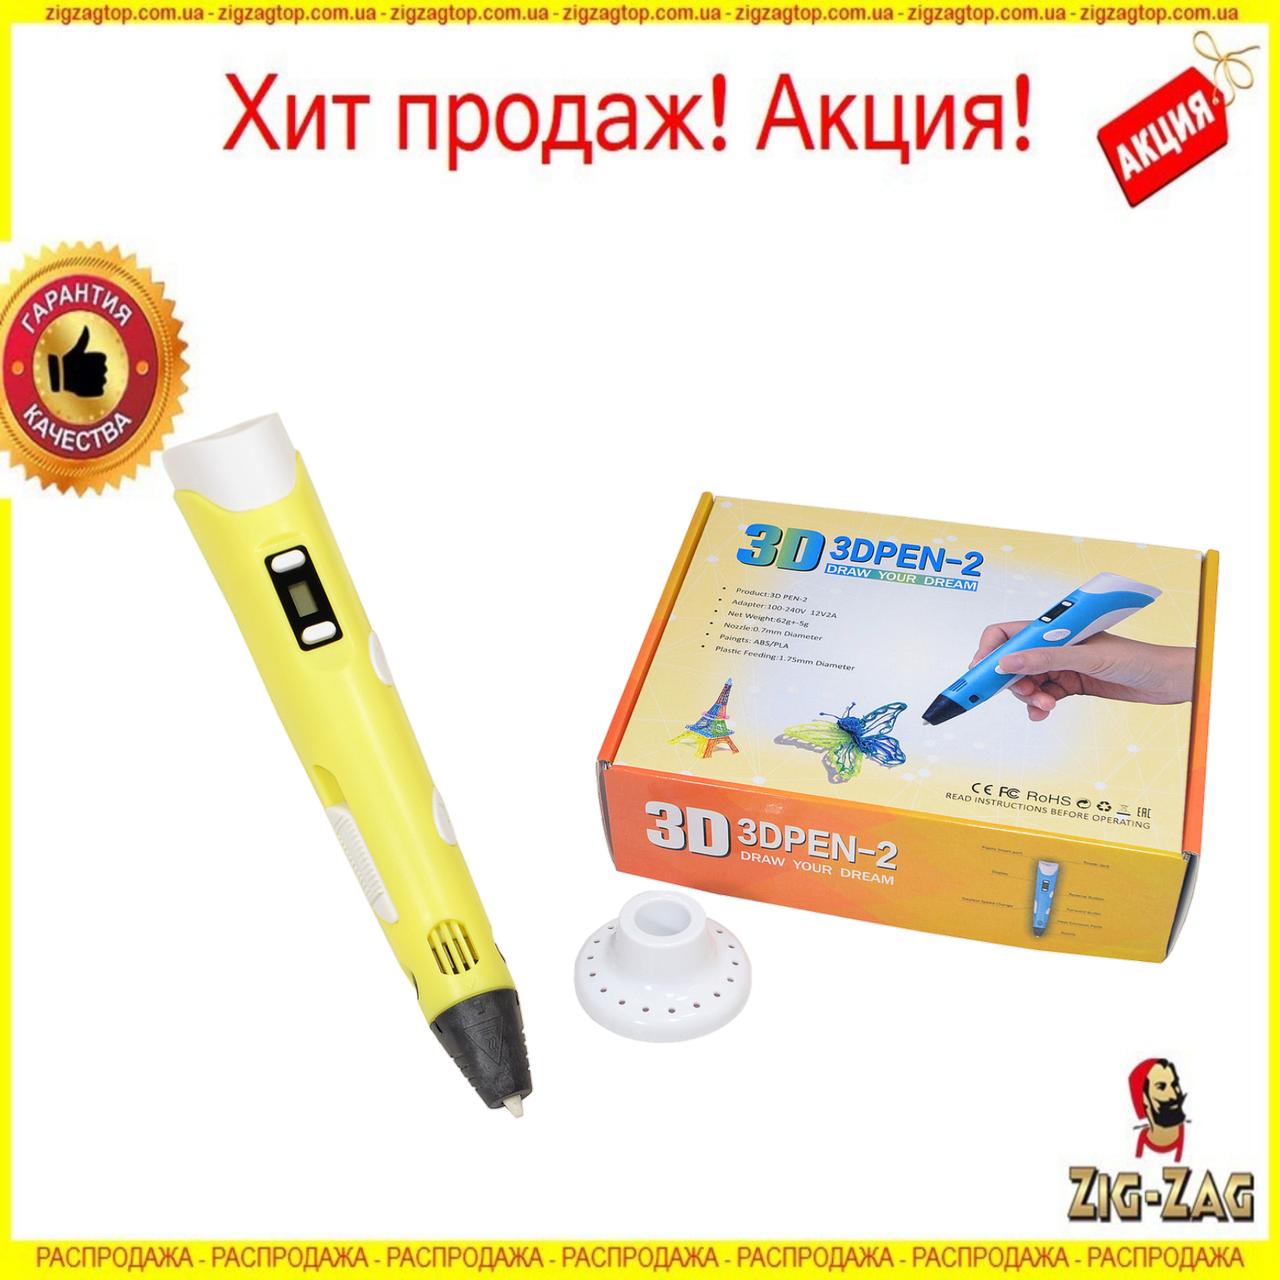 3D PEN Ручка 2 Покоління з Led Дисплеєм +Пластик 3Д ручка Smart pen Пен Оригінал Myriwell для Малювання ЖОВТА